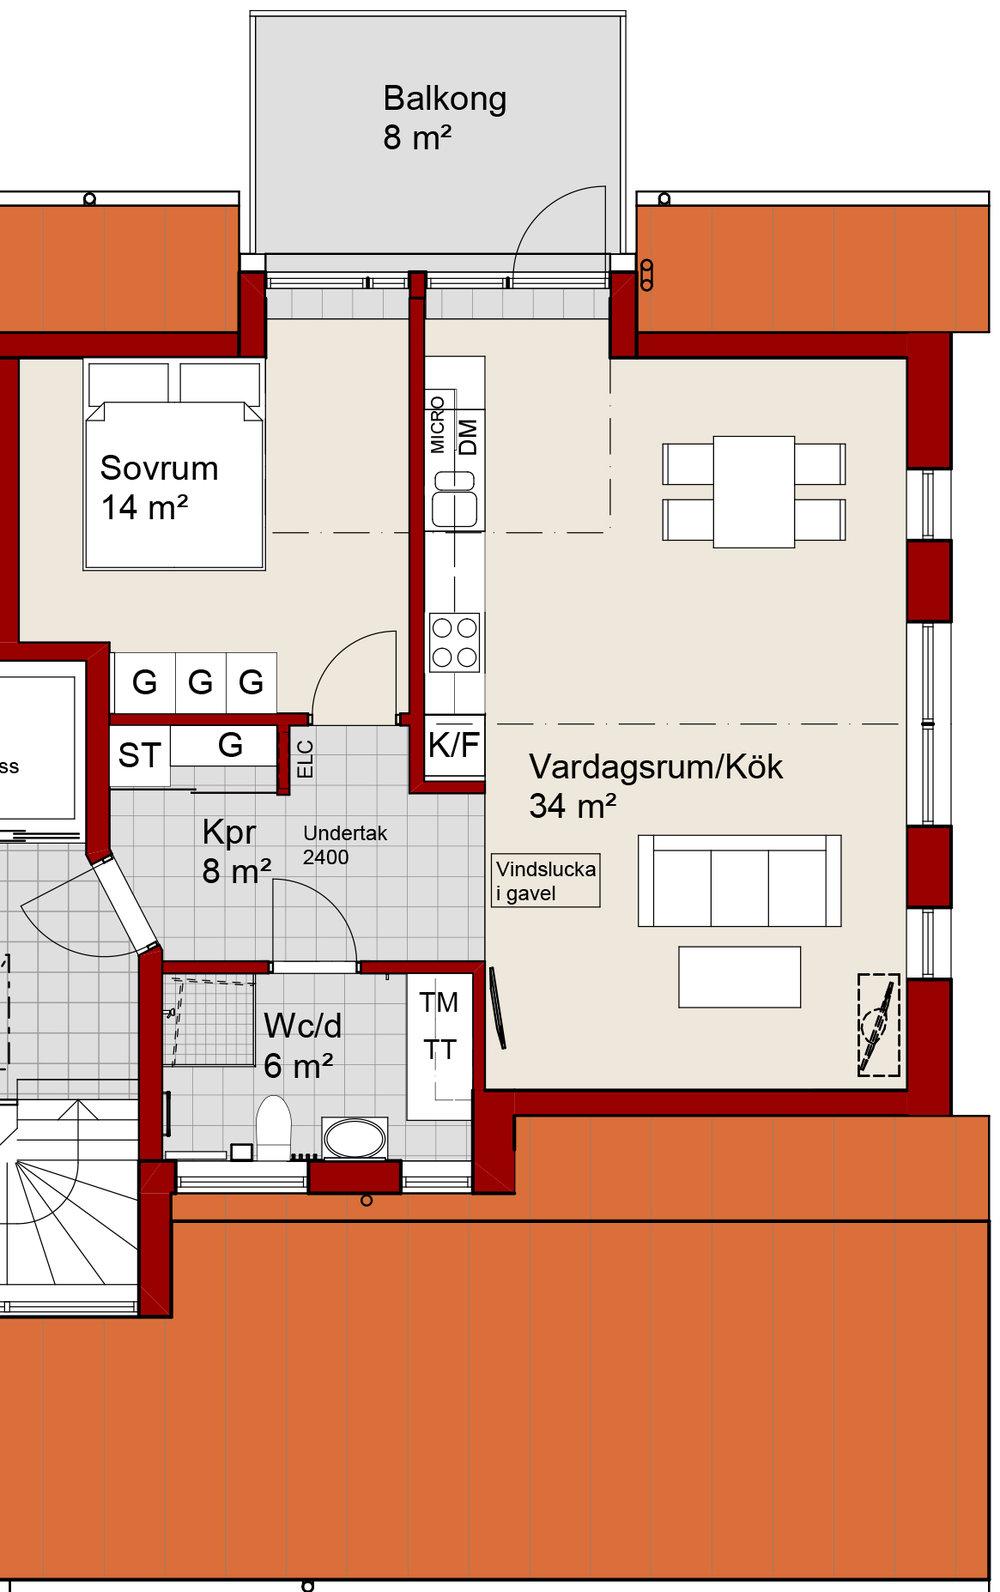 Ex. Vind 2 rum och kök